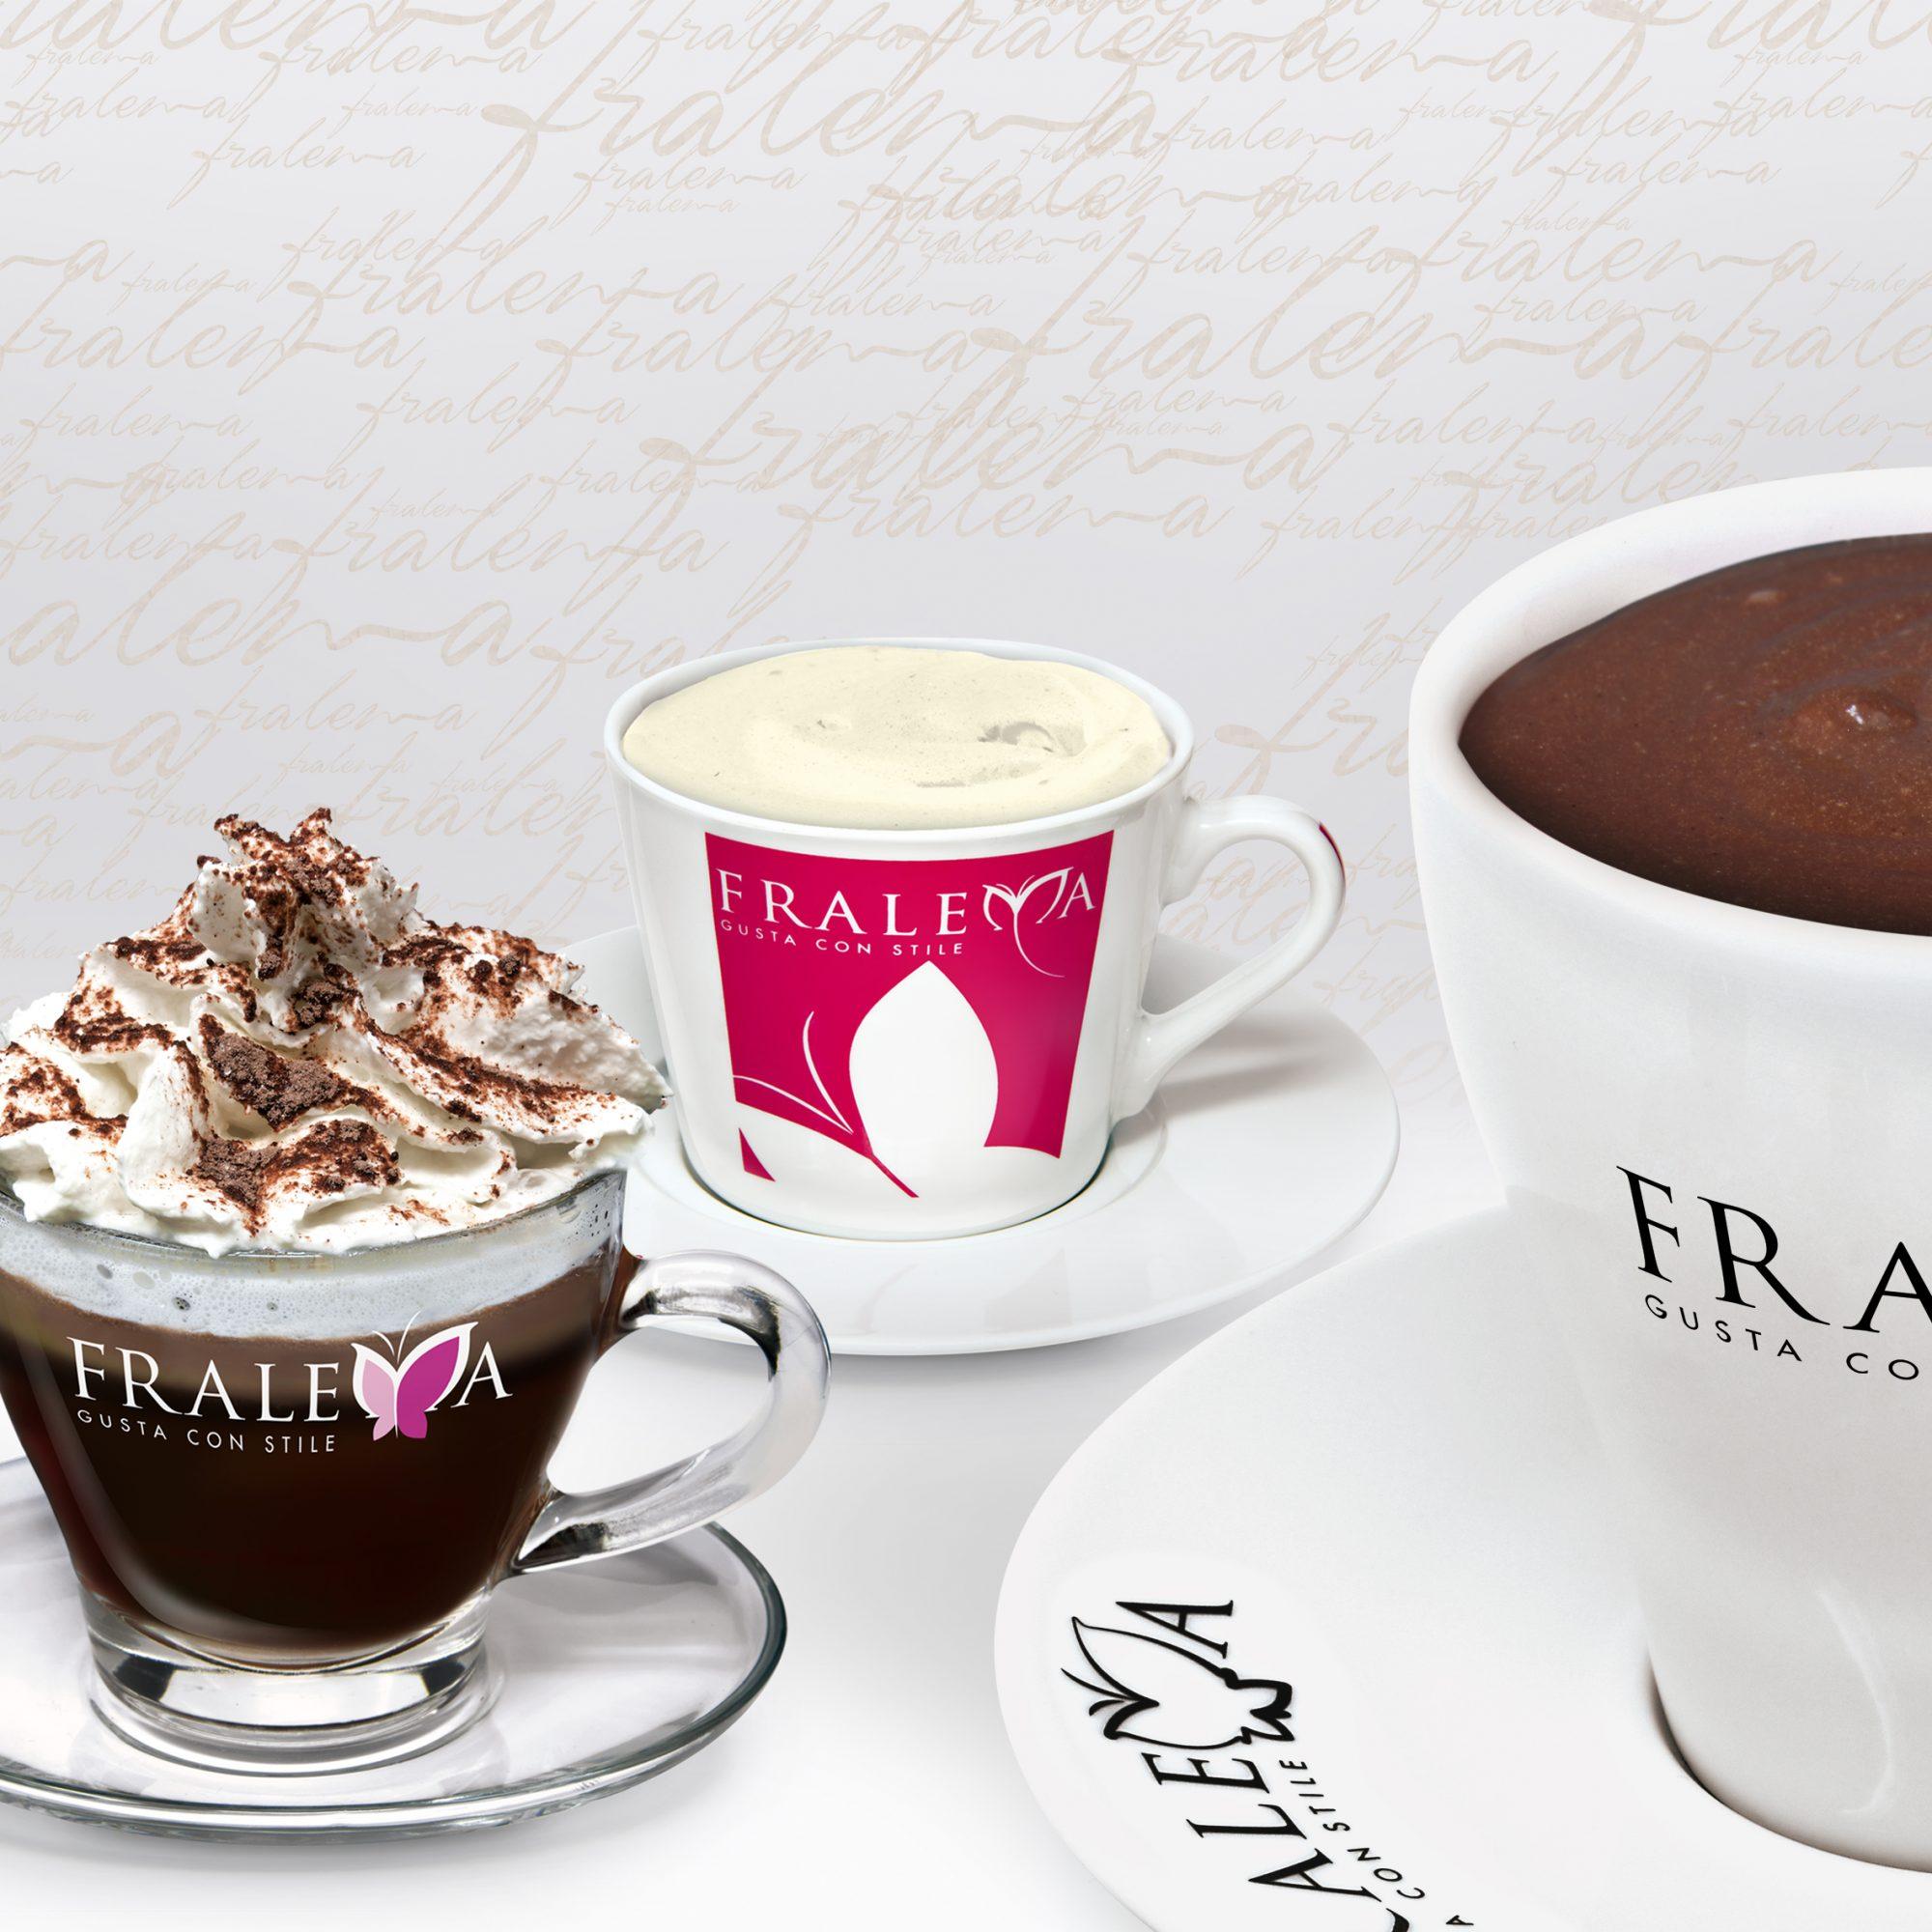 fralema_prodotti per la caffetteria_i caldi_cioccolata al latte_cioccolata fondente_cioccolata bianca